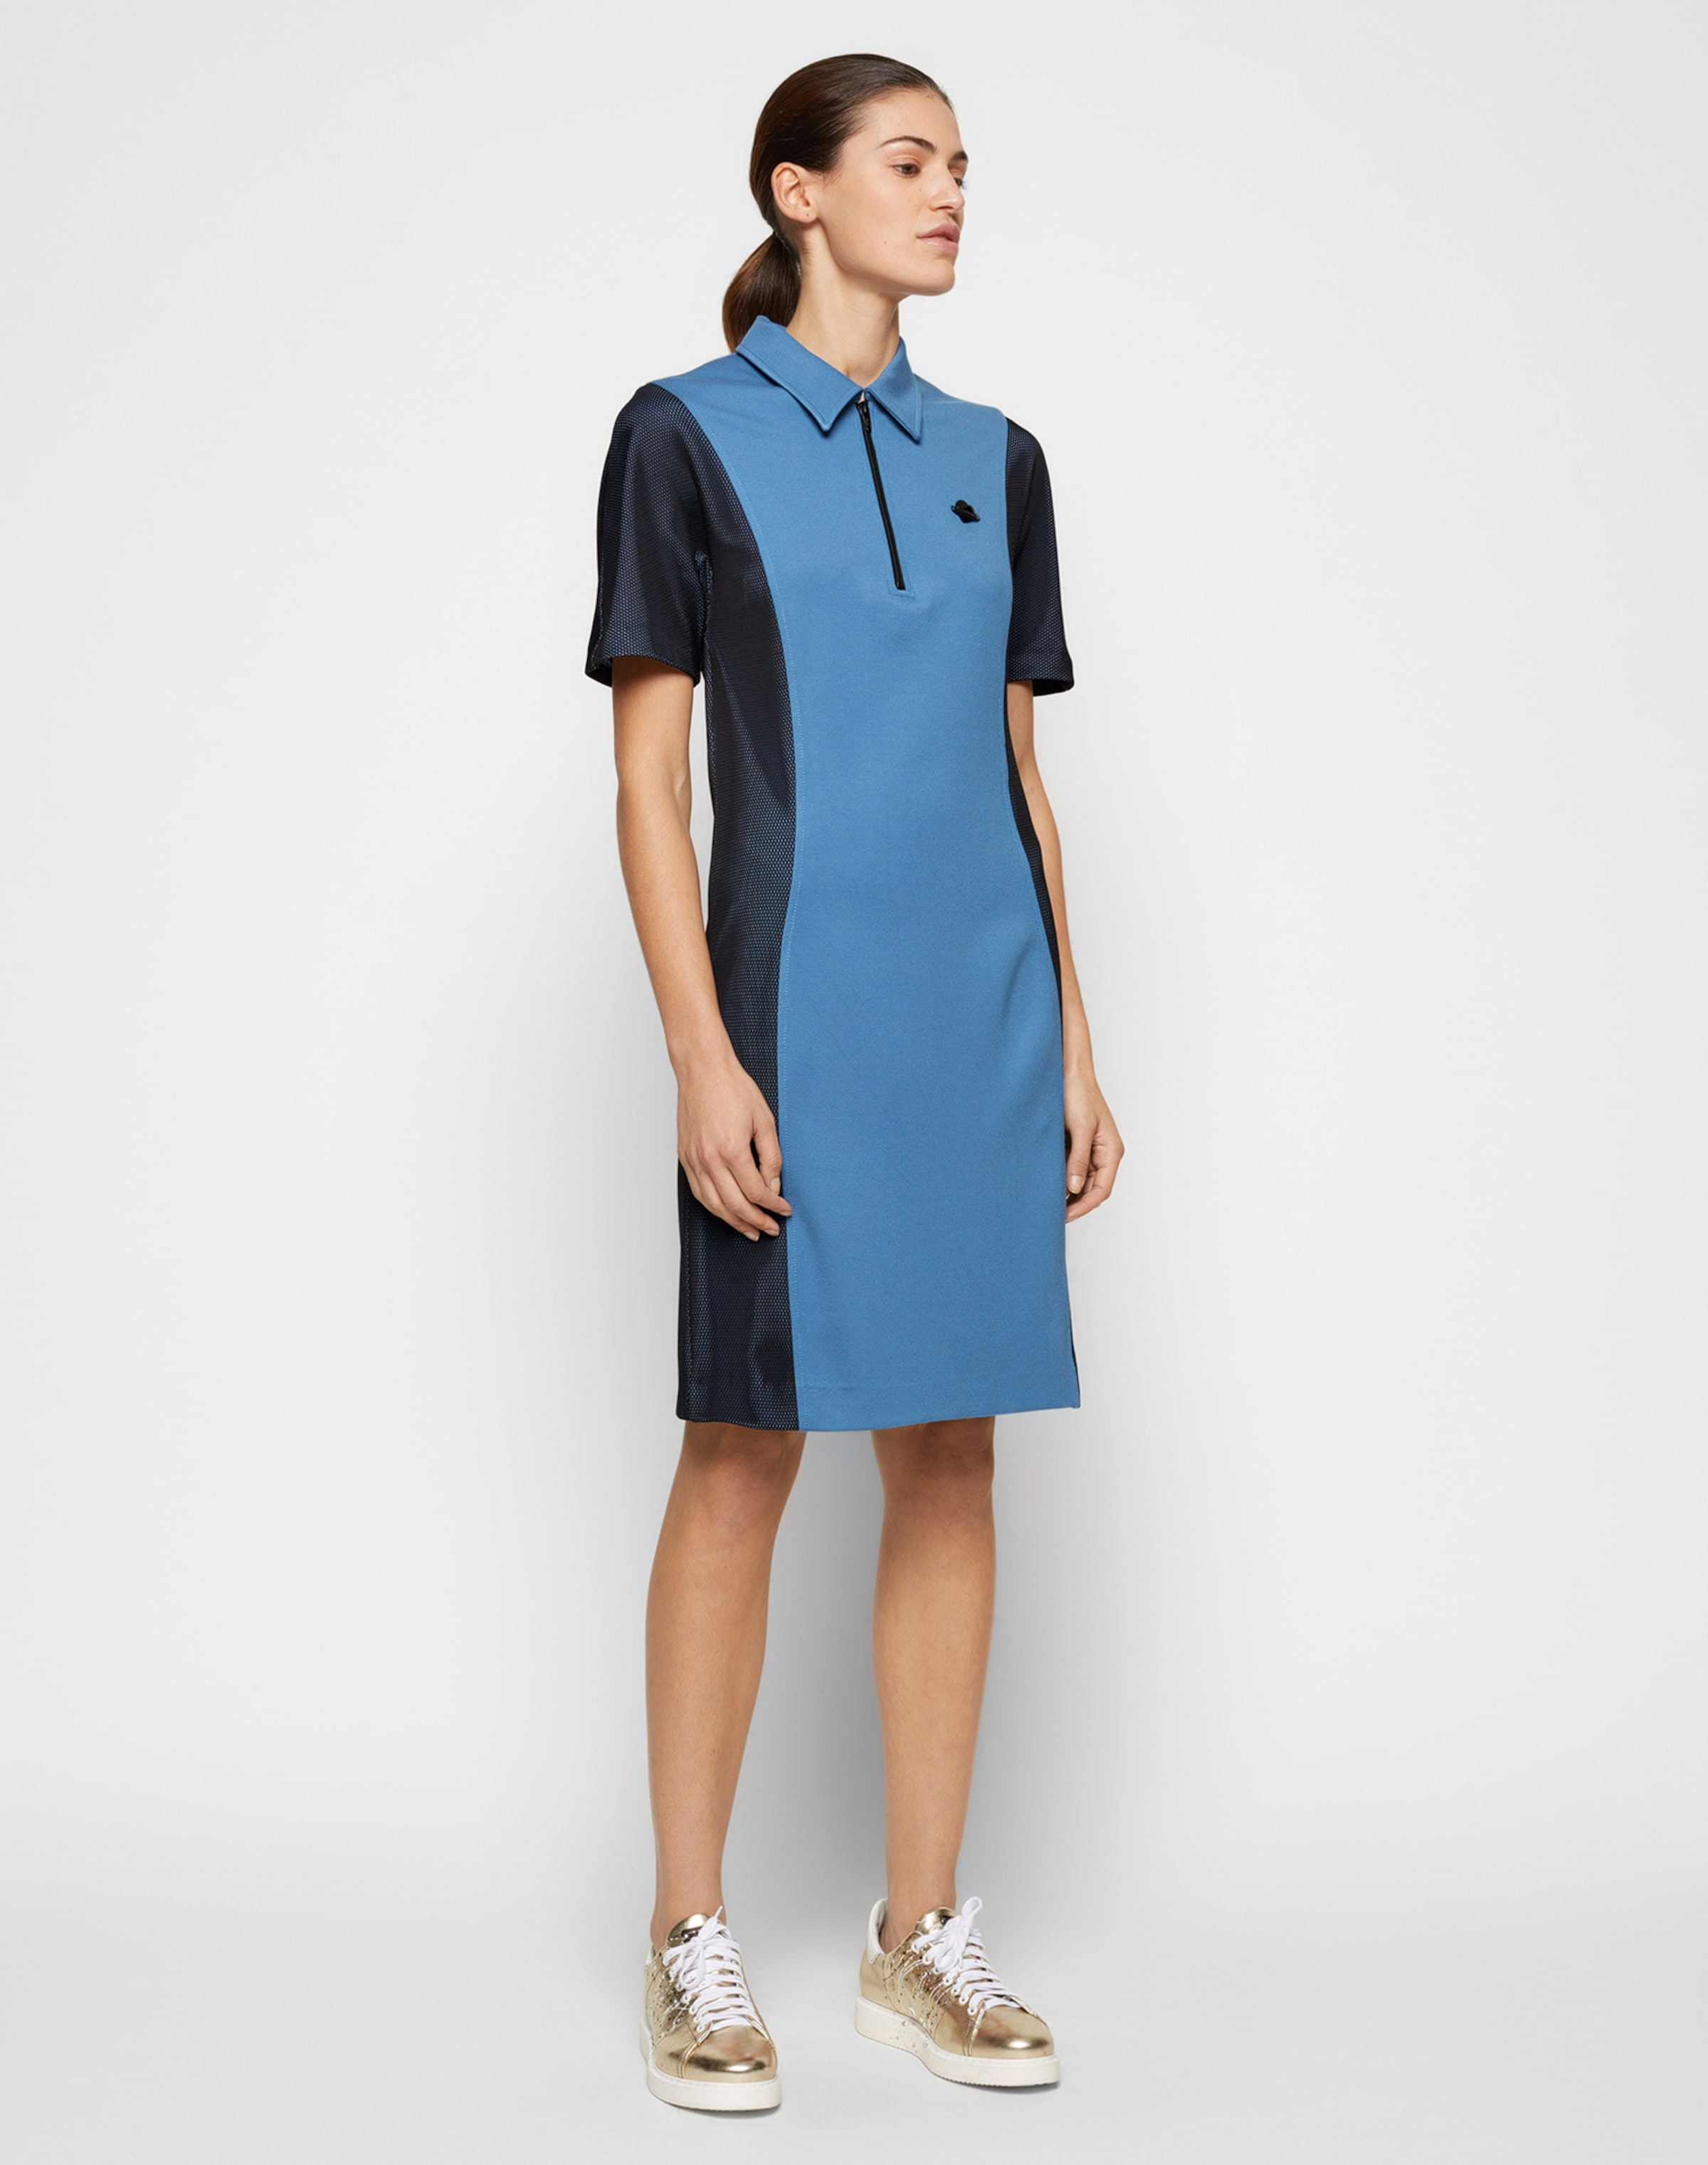 Spielraum Beste Preise Love Moschino Kleid mit Polokragen Breite Palette Von Neue Preiswerte Online biuwE